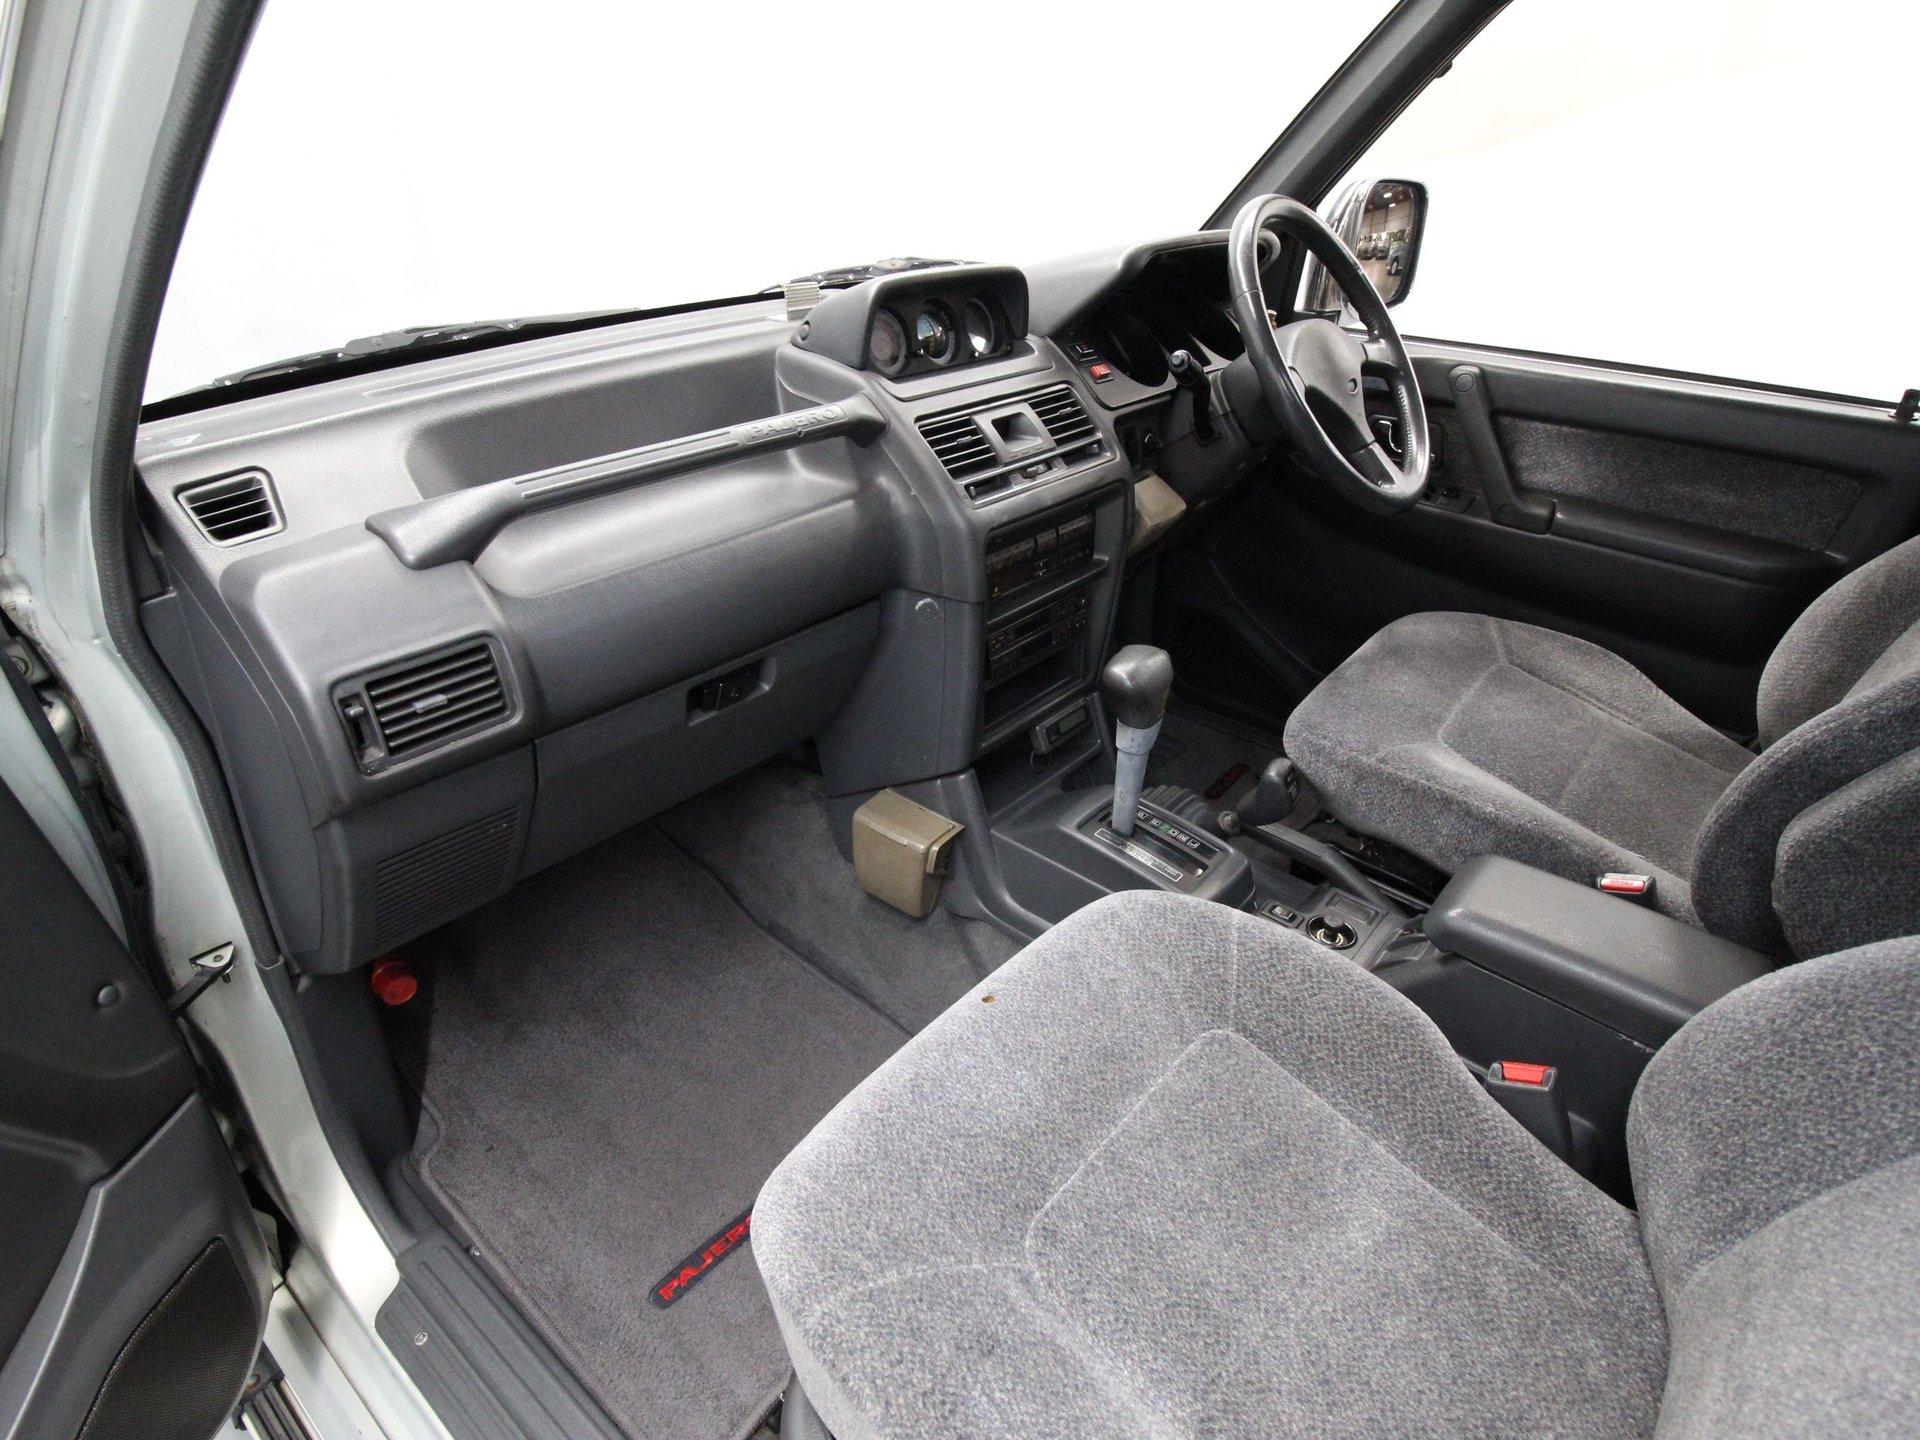 1993 Mitsubishi Pajero